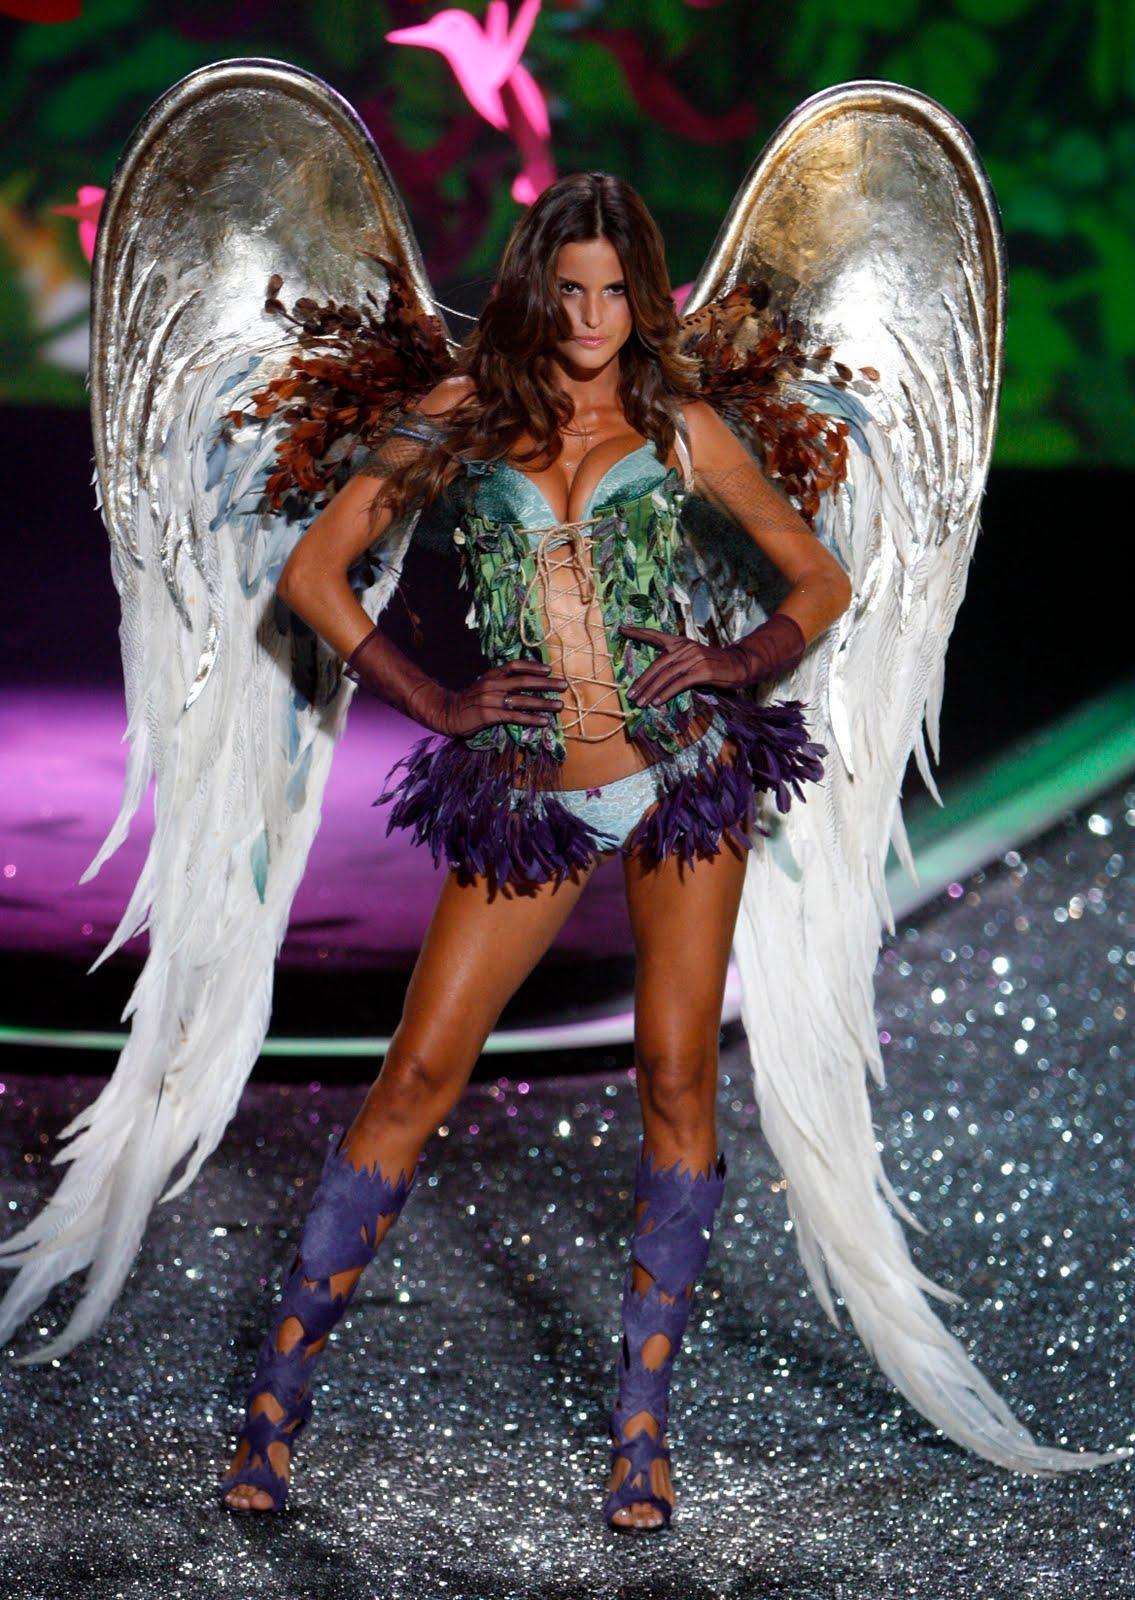 http://4.bp.blogspot.com/_63jadQOB1Cw/Swq1ATb2V5I/AAAAAAAAYWw/kvCJ9zlaxFs/s1600/43462_various_models_VS_Fashion_Show-30_122_105lo.jpg